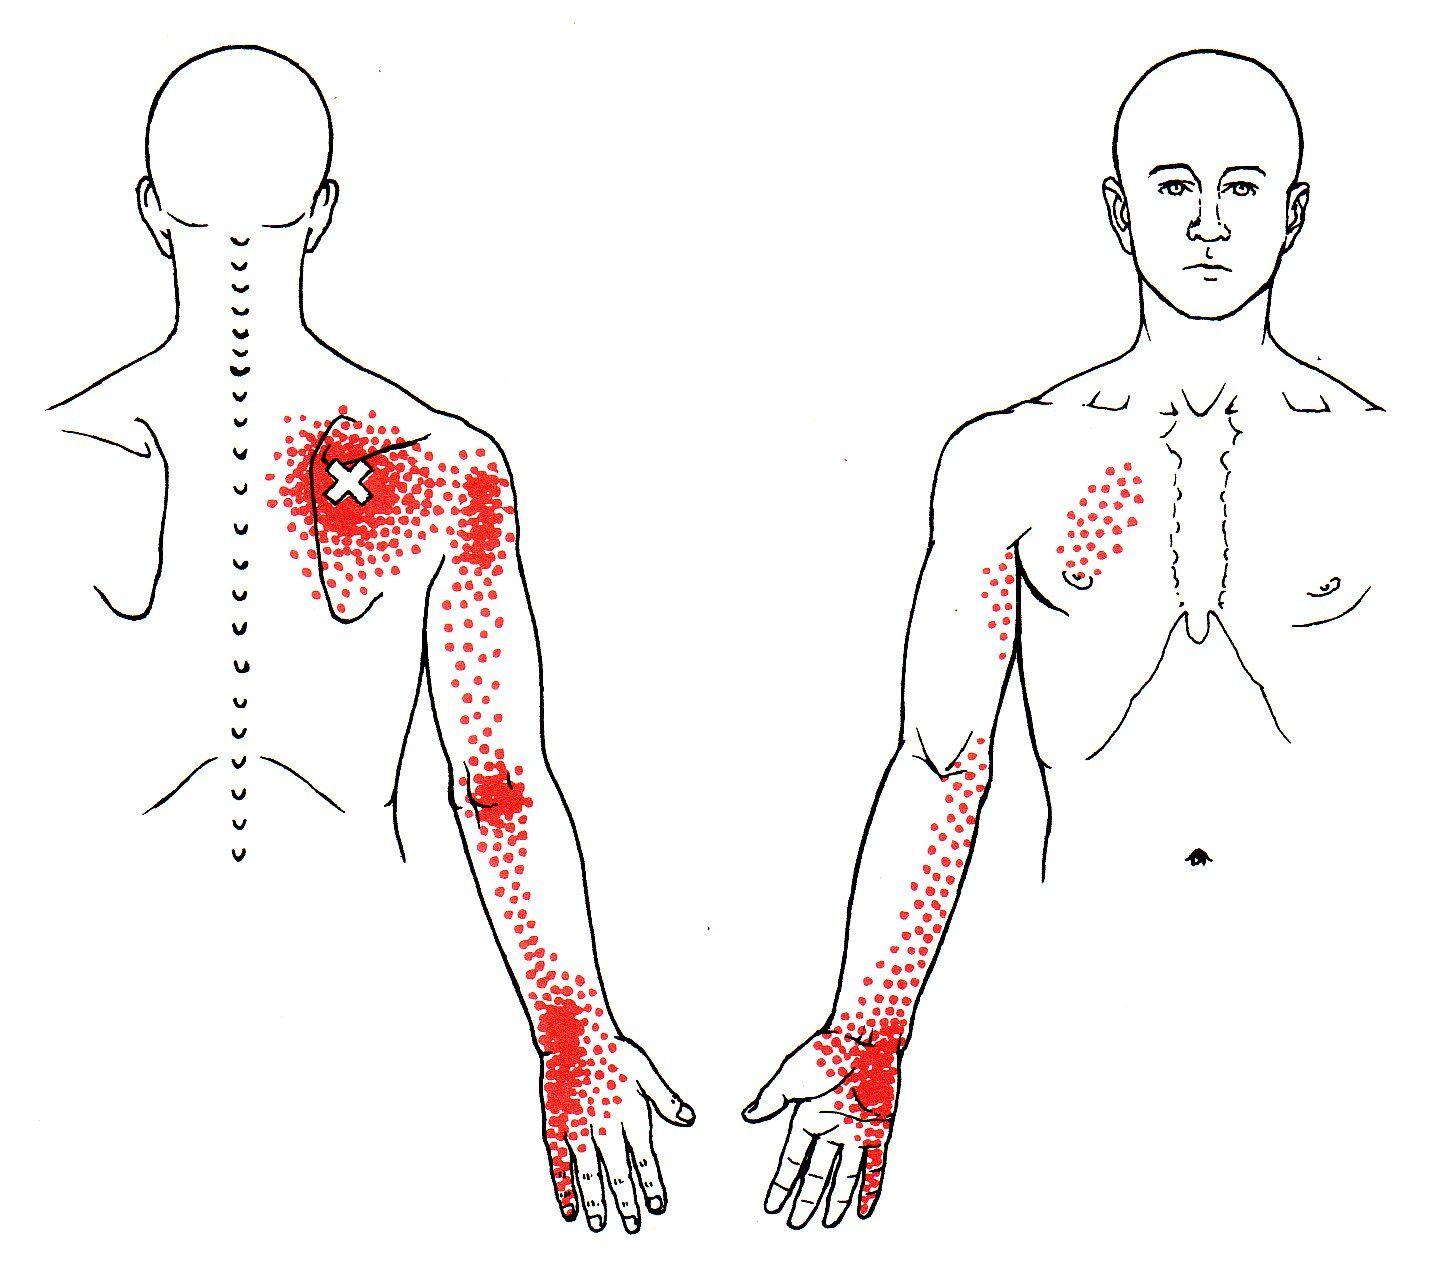 Hinterer Oberer Sägeblattmuskel | The Trigger Point & Referred Pain ...